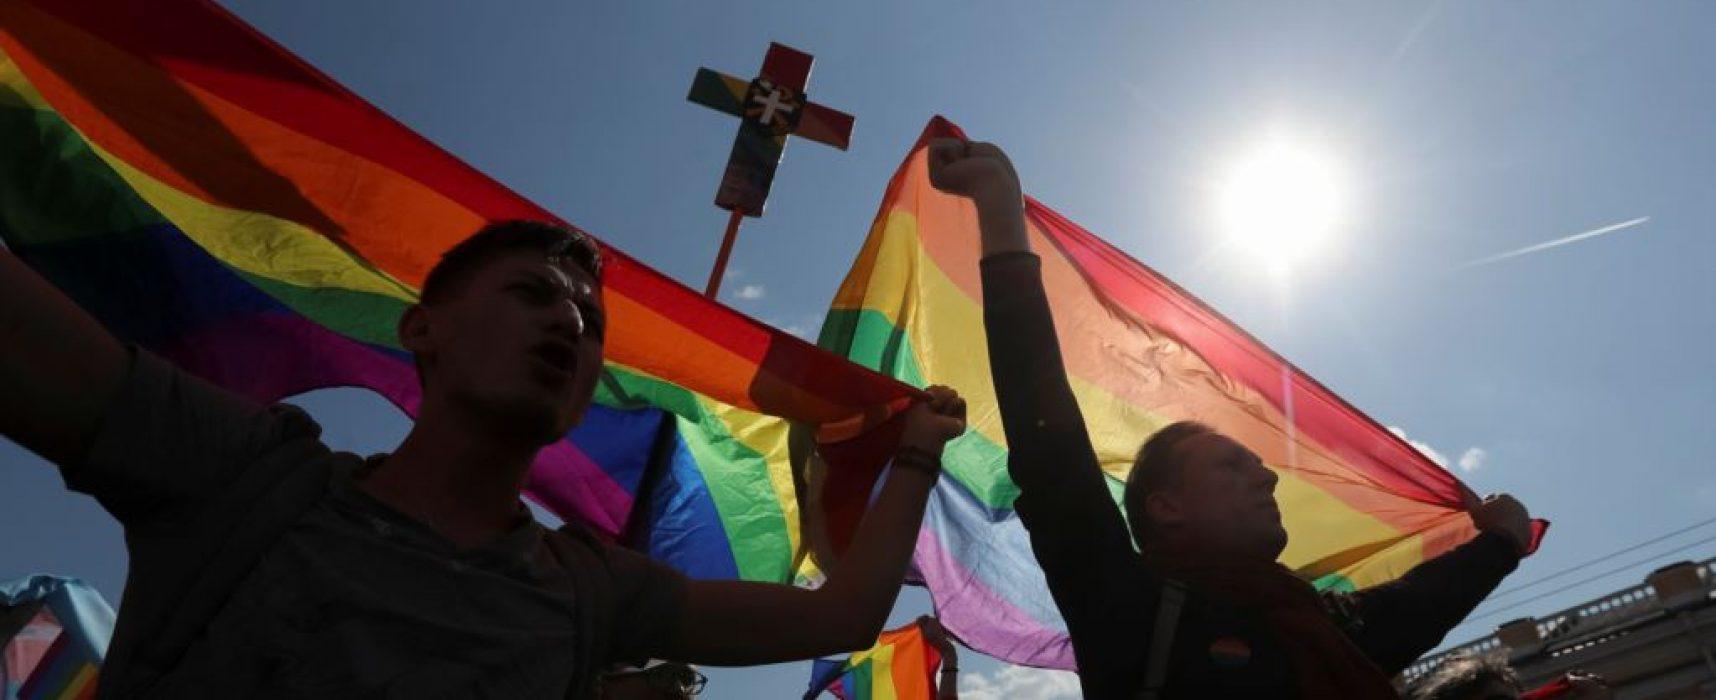 """Putin sagt Elton John Russland sei """"unvoreingenommen"""" gegenüber der LGBT-Gemeinschaft"""